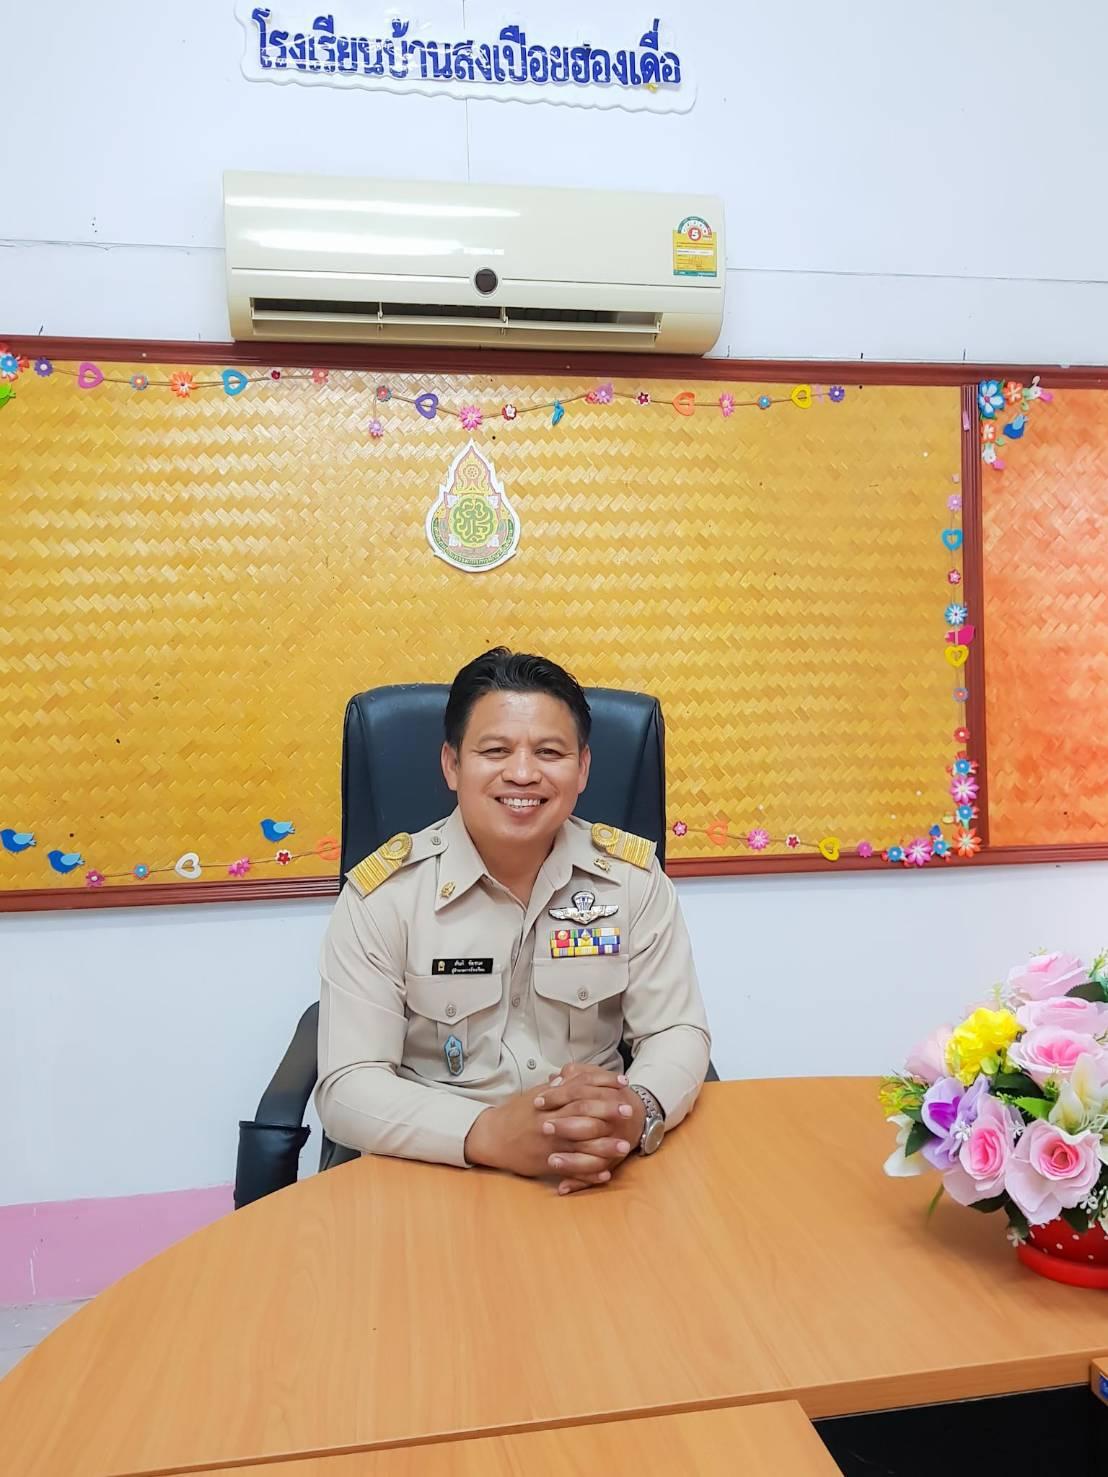 นายสันติ ชัยชนะผู้อำนวยการโรงเรียนบ้านสงเปือยฮ่องเดื่อโทร :091-8644084Email :Sunti2083@gmail.com